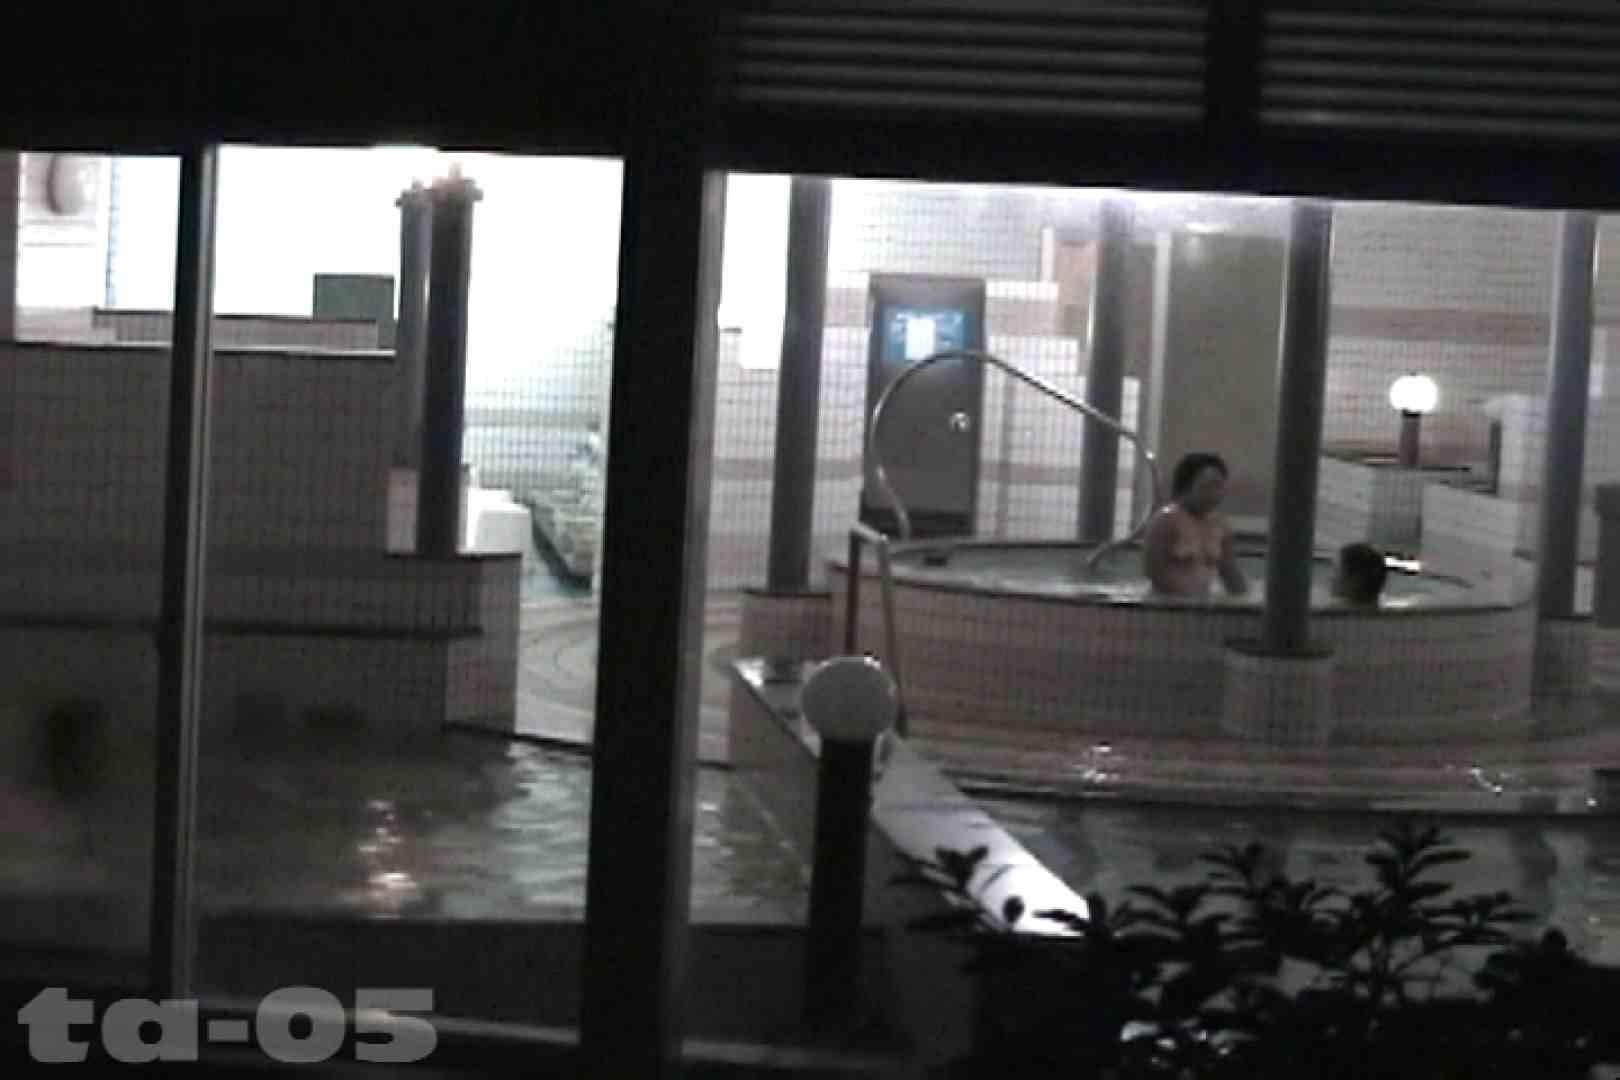 只野男 合宿ホテル女風呂盗撮 高画質版 Vol.5 盗撮  72PIX 24